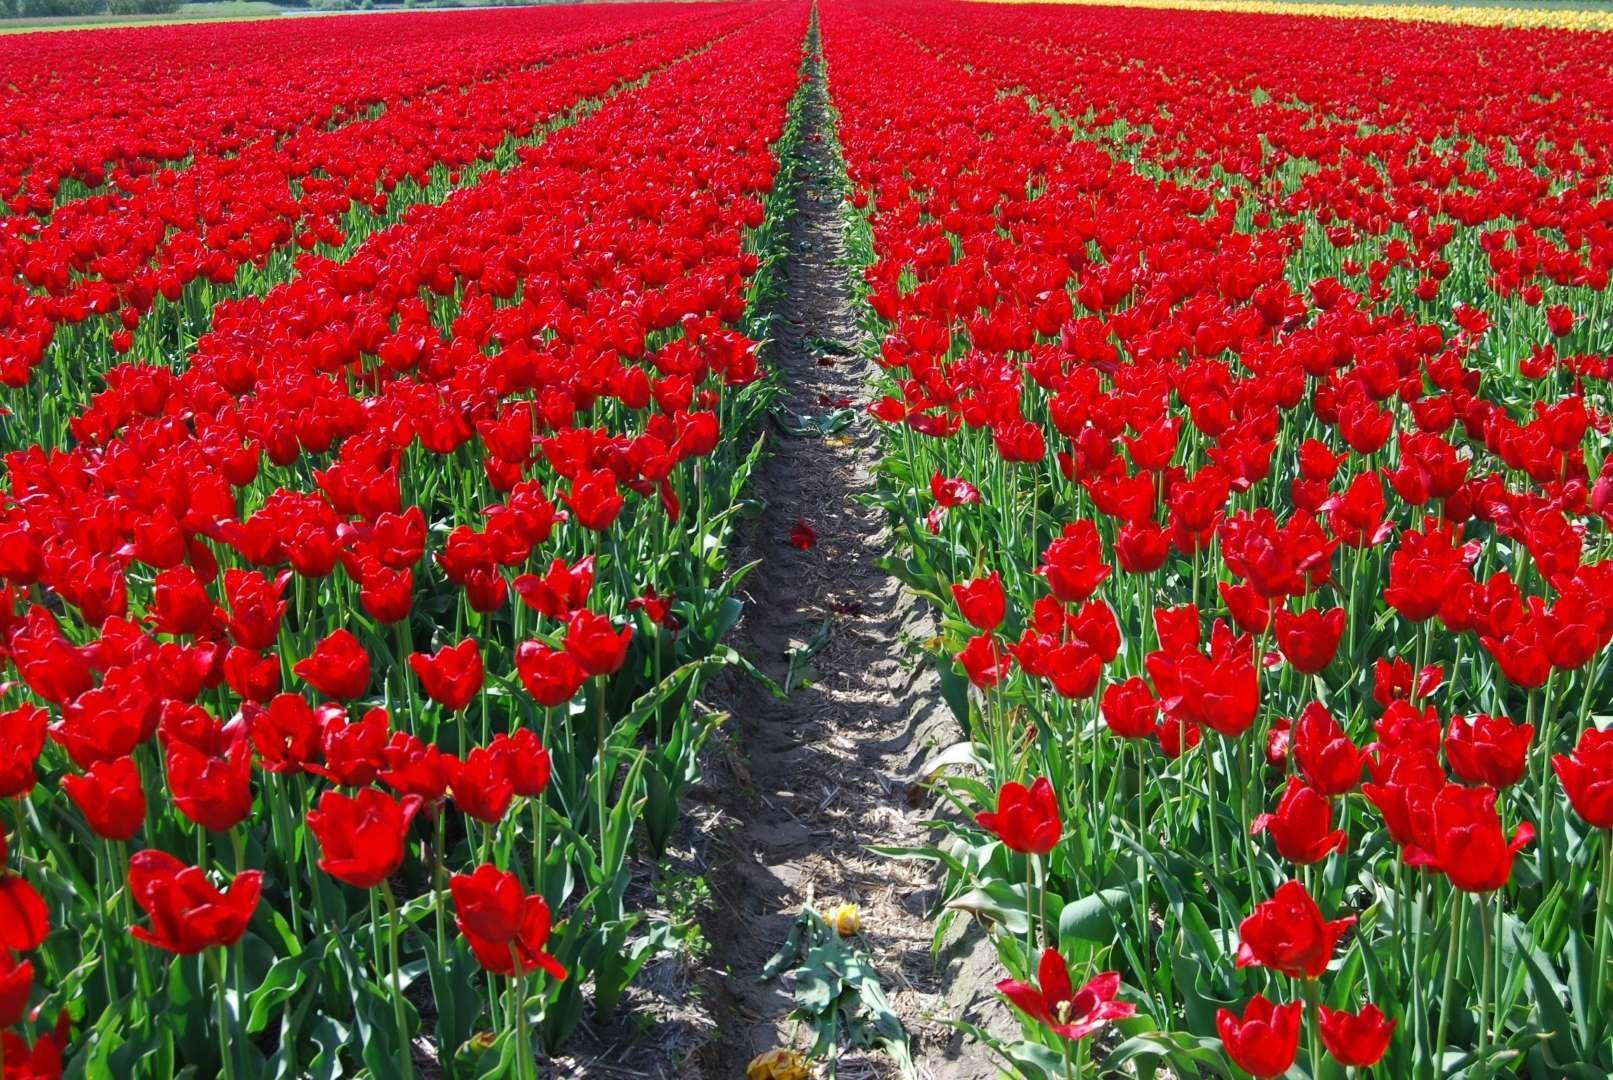 Spring tulip garden in full bloom along fence line